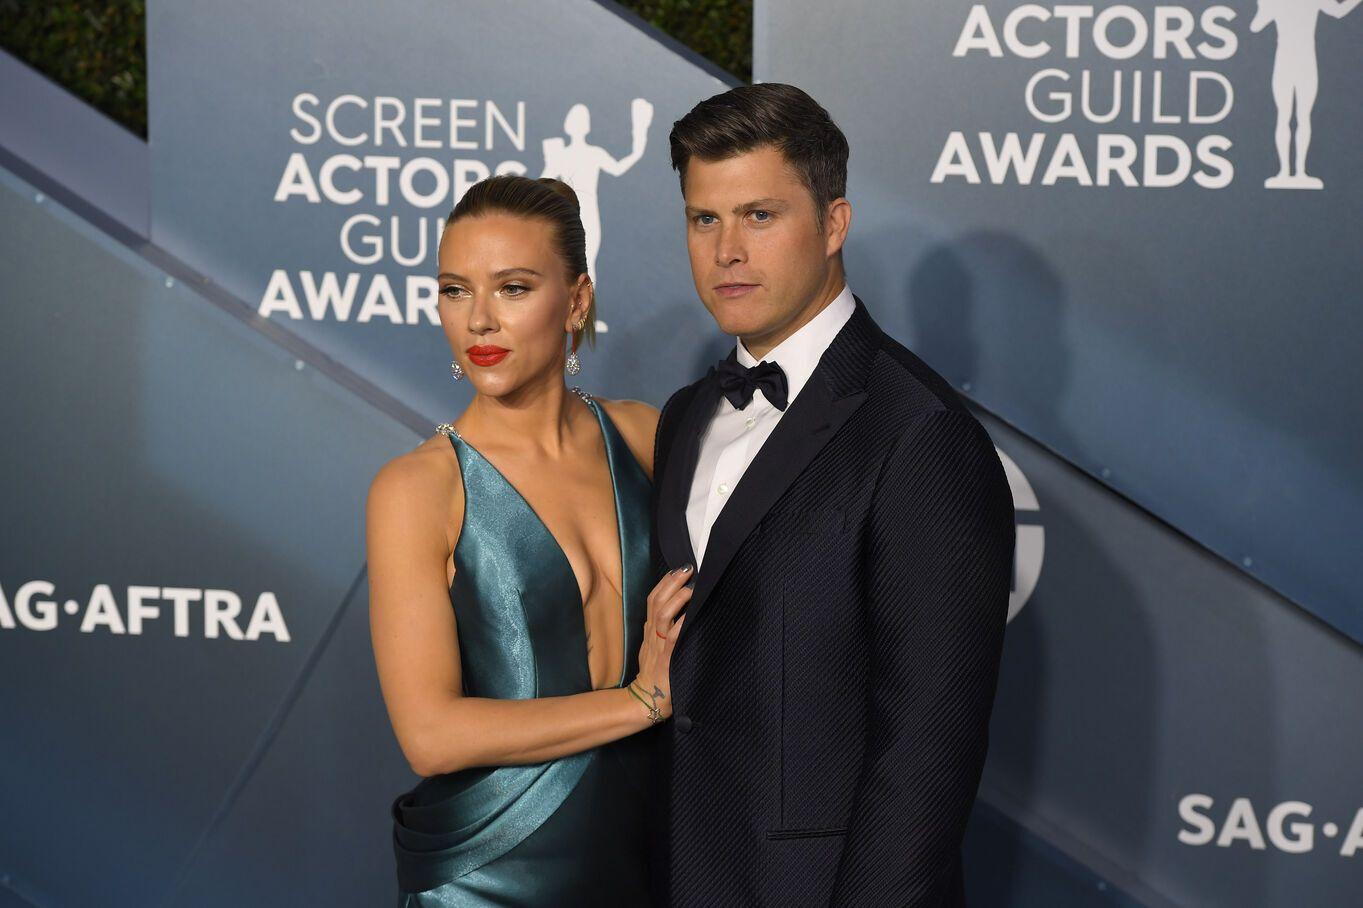 Scarlett Johansson enceinte : L'actrice attend un enfant de Colin Jost !